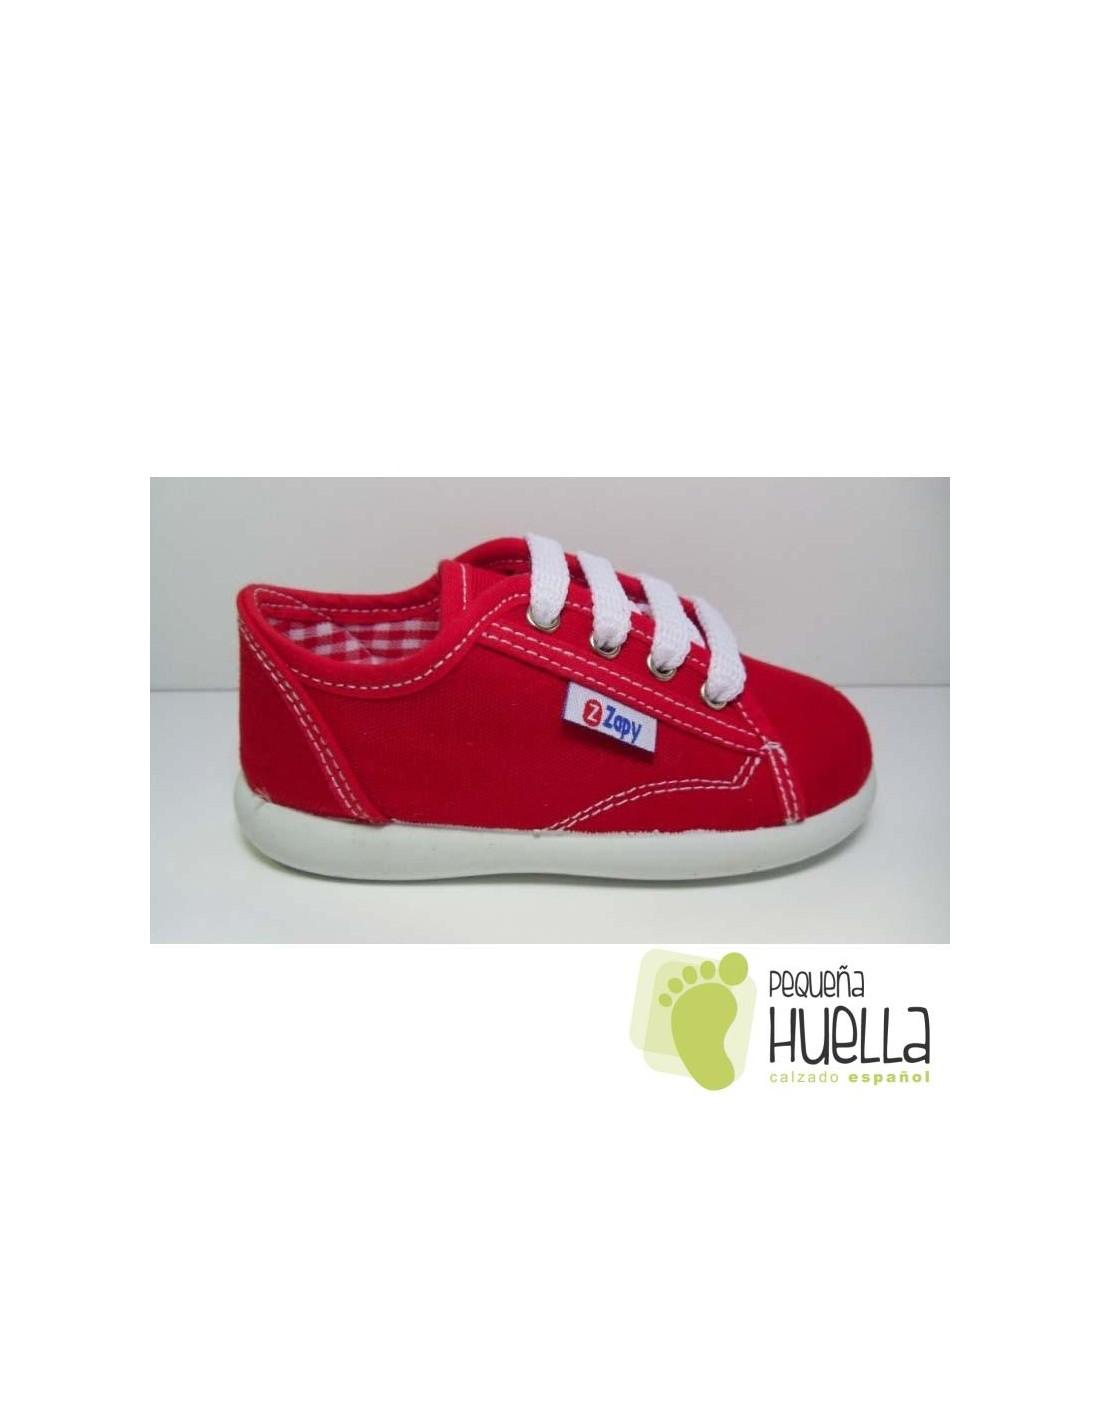 9af565a37 ... Zapatillas lona rosa playeras bambas rojo para niños y niñas con  cordones ZAPY baratas en las ...